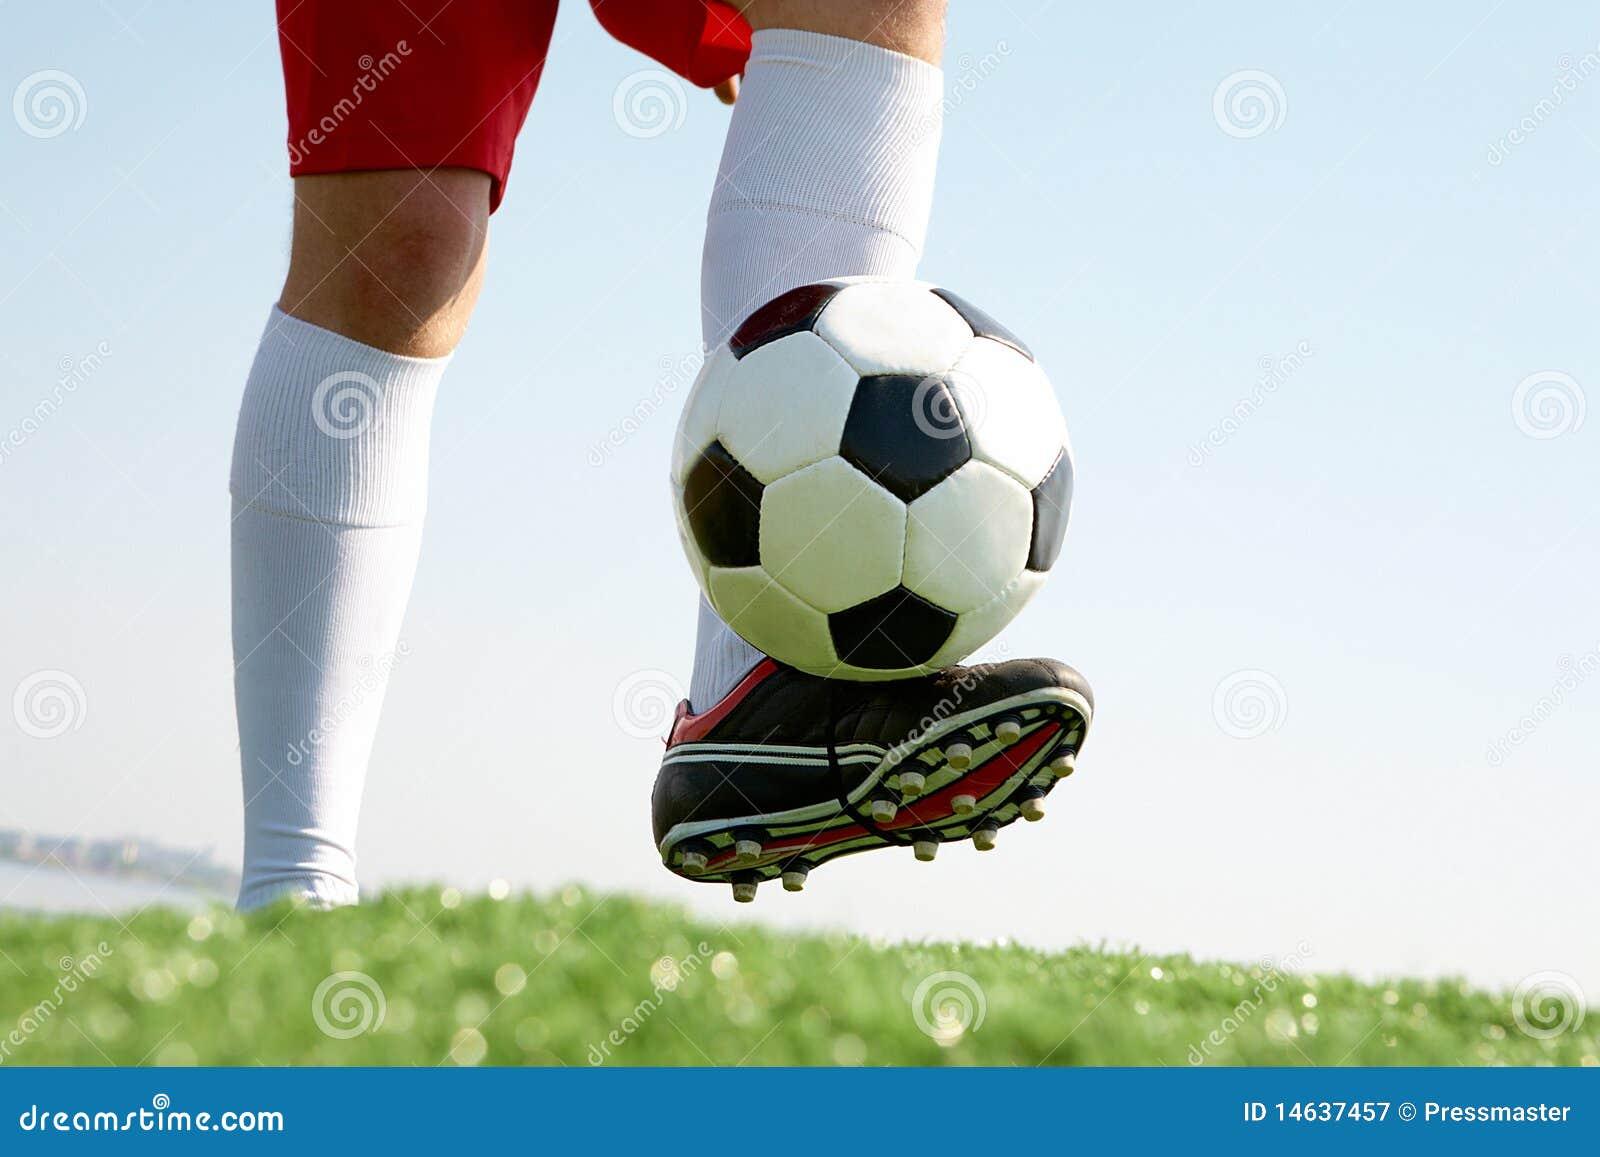 jouer au football photographie stock libre de droits image 14637457. Black Bedroom Furniture Sets. Home Design Ideas